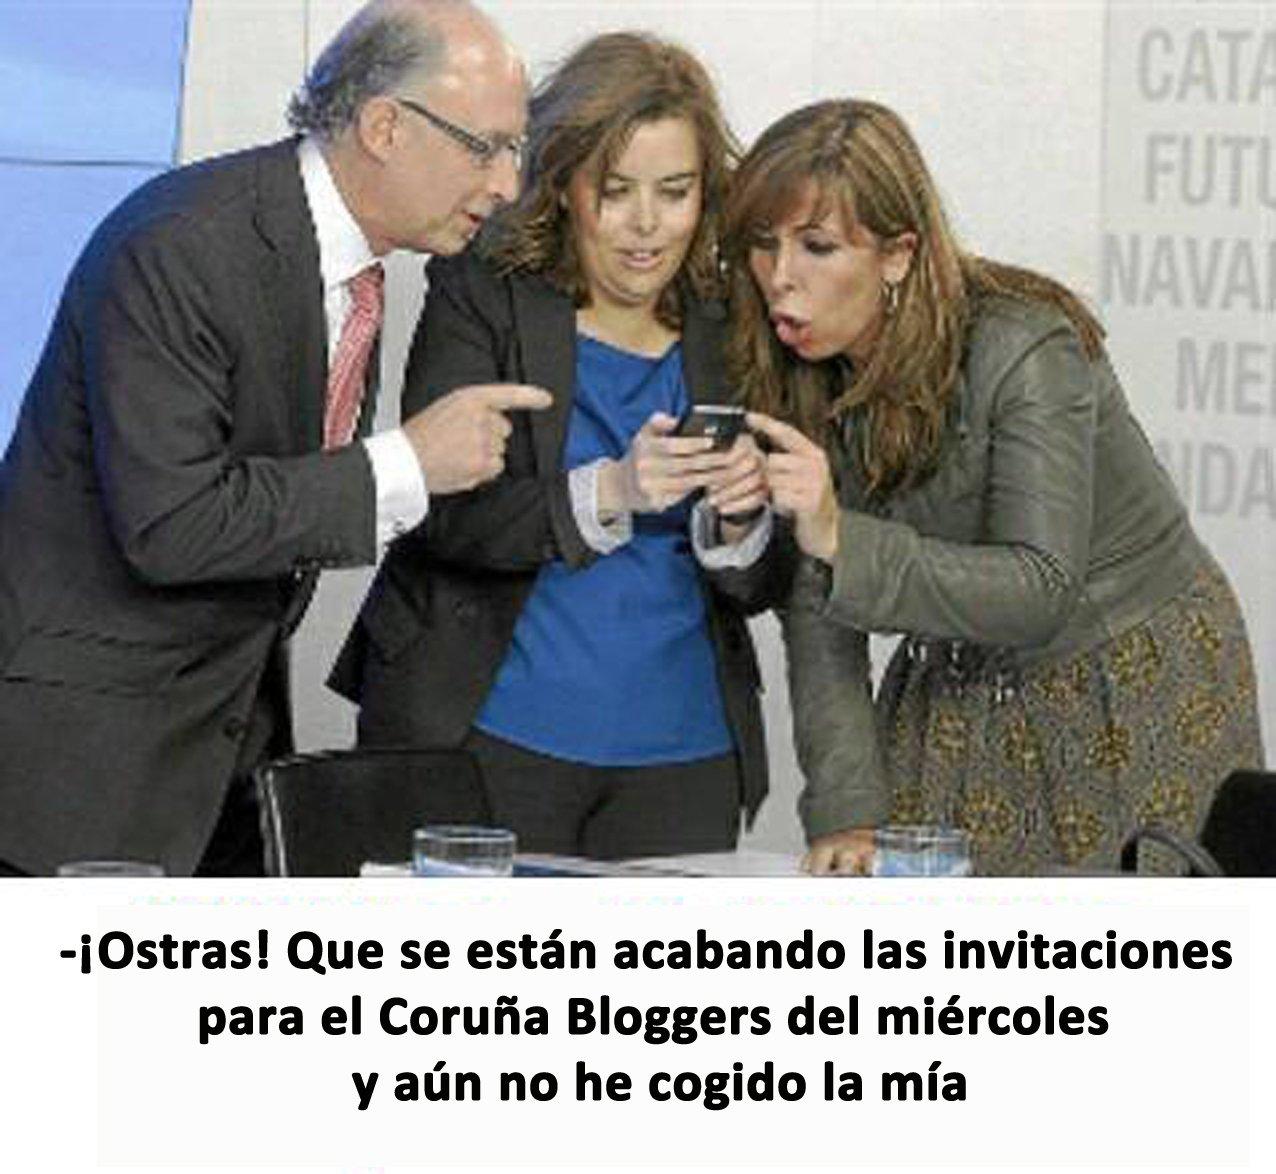 ¿Ya tienes tu invitación para #CoruñaBloggers? ➡➡➡ https://t.co/v0O5hbRD6Y Con @sonoia de @omundoaoreves y @marcusfernandez de @codigocero https://t.co/wcKBejIpjK